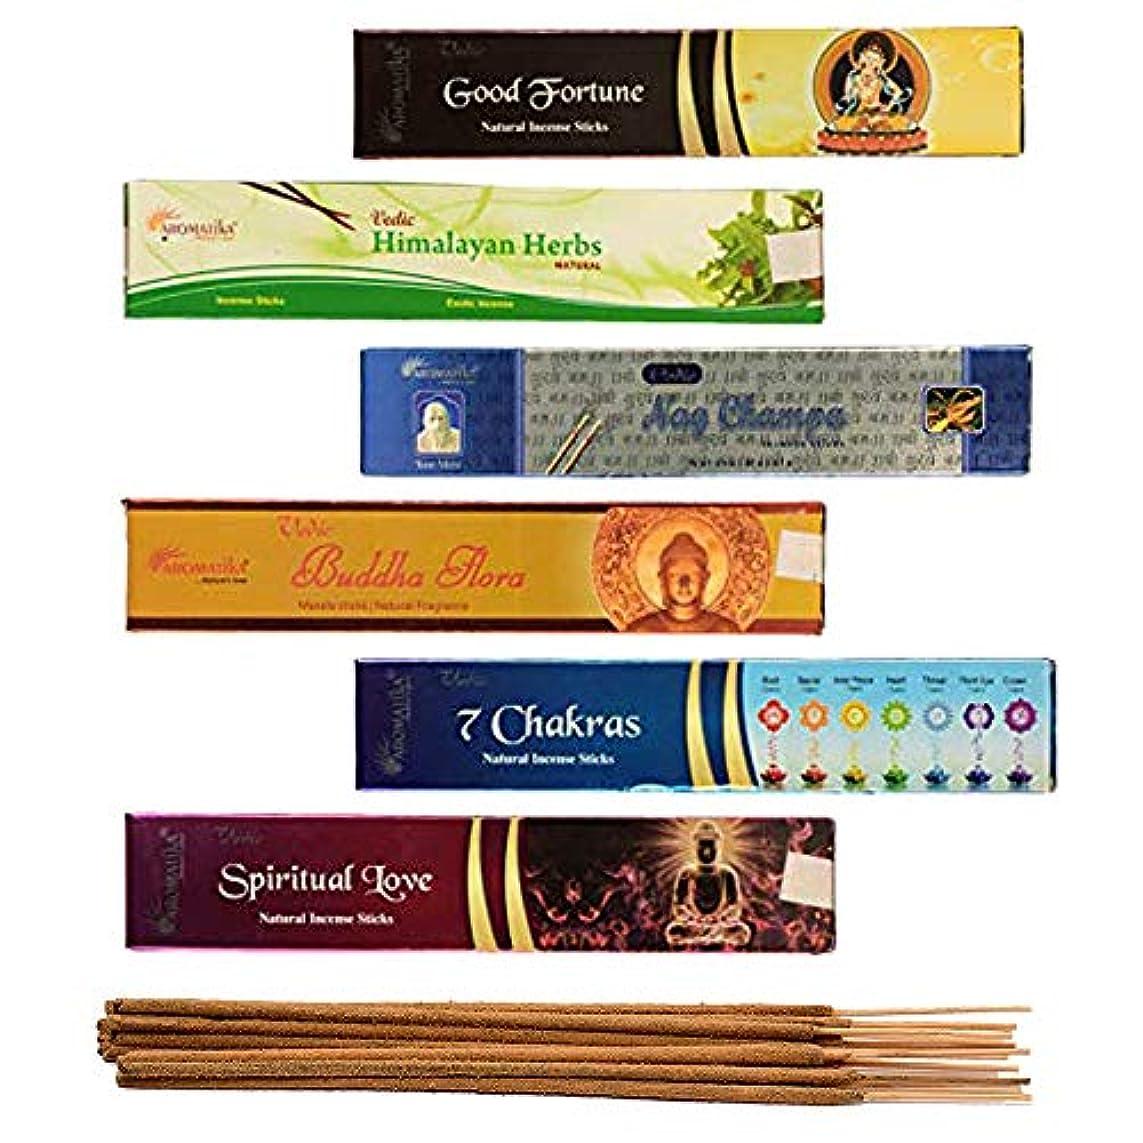 六月本部排泄物aromatika 6 Assorted Masala Incense Sticks Vedic Nag Champa、7チャクラ、ブッダFlora、Himalayanハーブ、Good Fortune、Spiritual Love WithメタルSun Incense Stick Holder